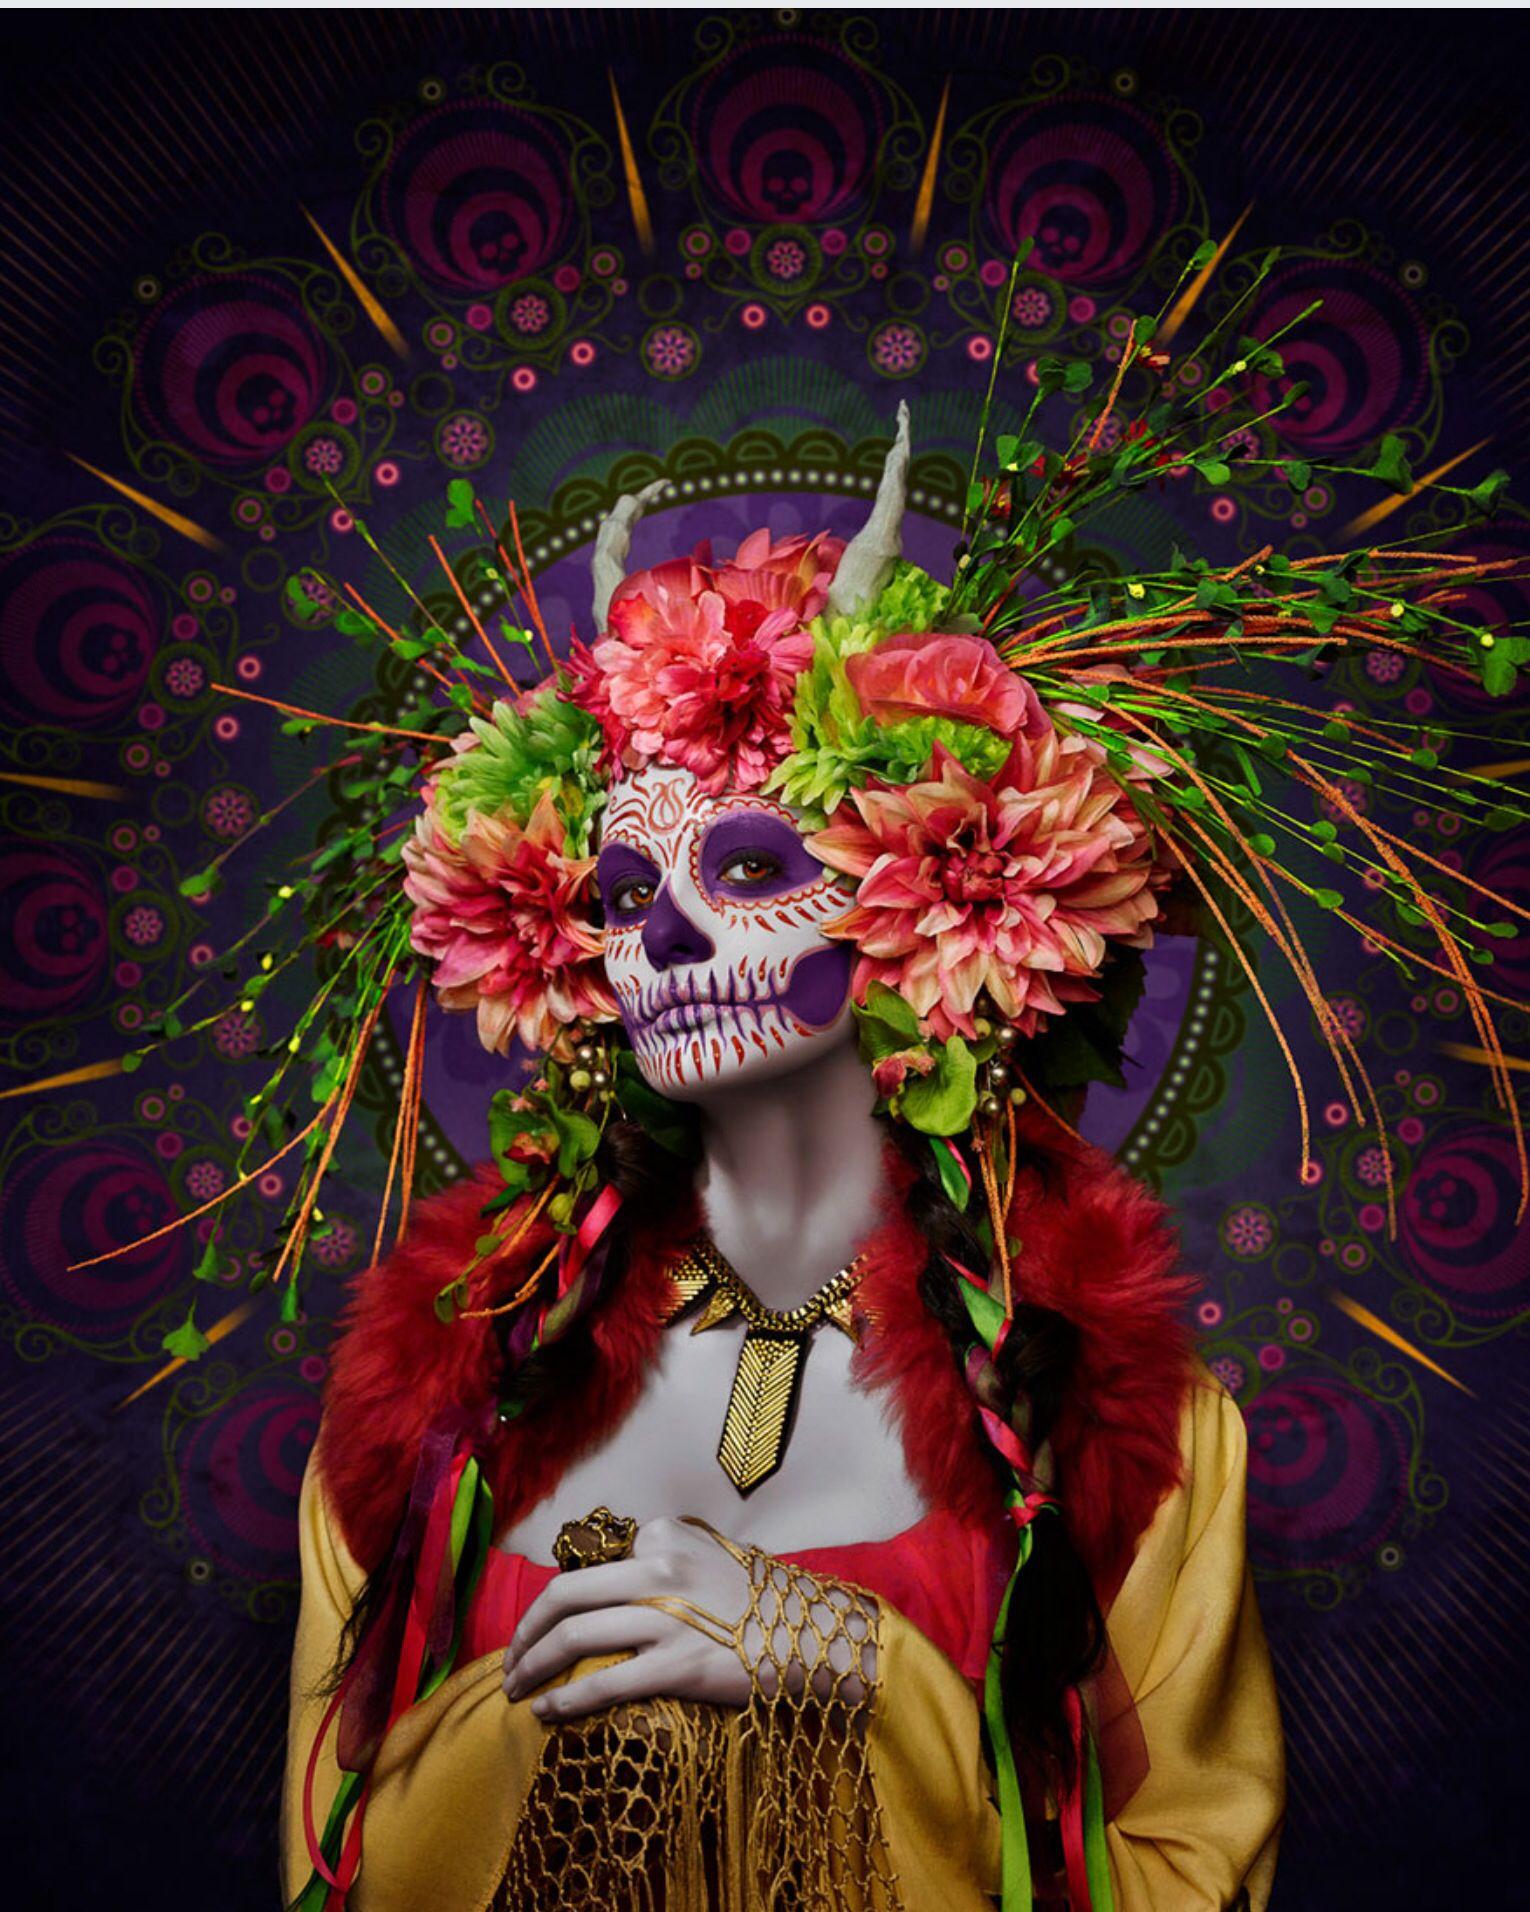 Y Que Mejor Para El Final Final Que Mictecacihuatl Diosa Azteca